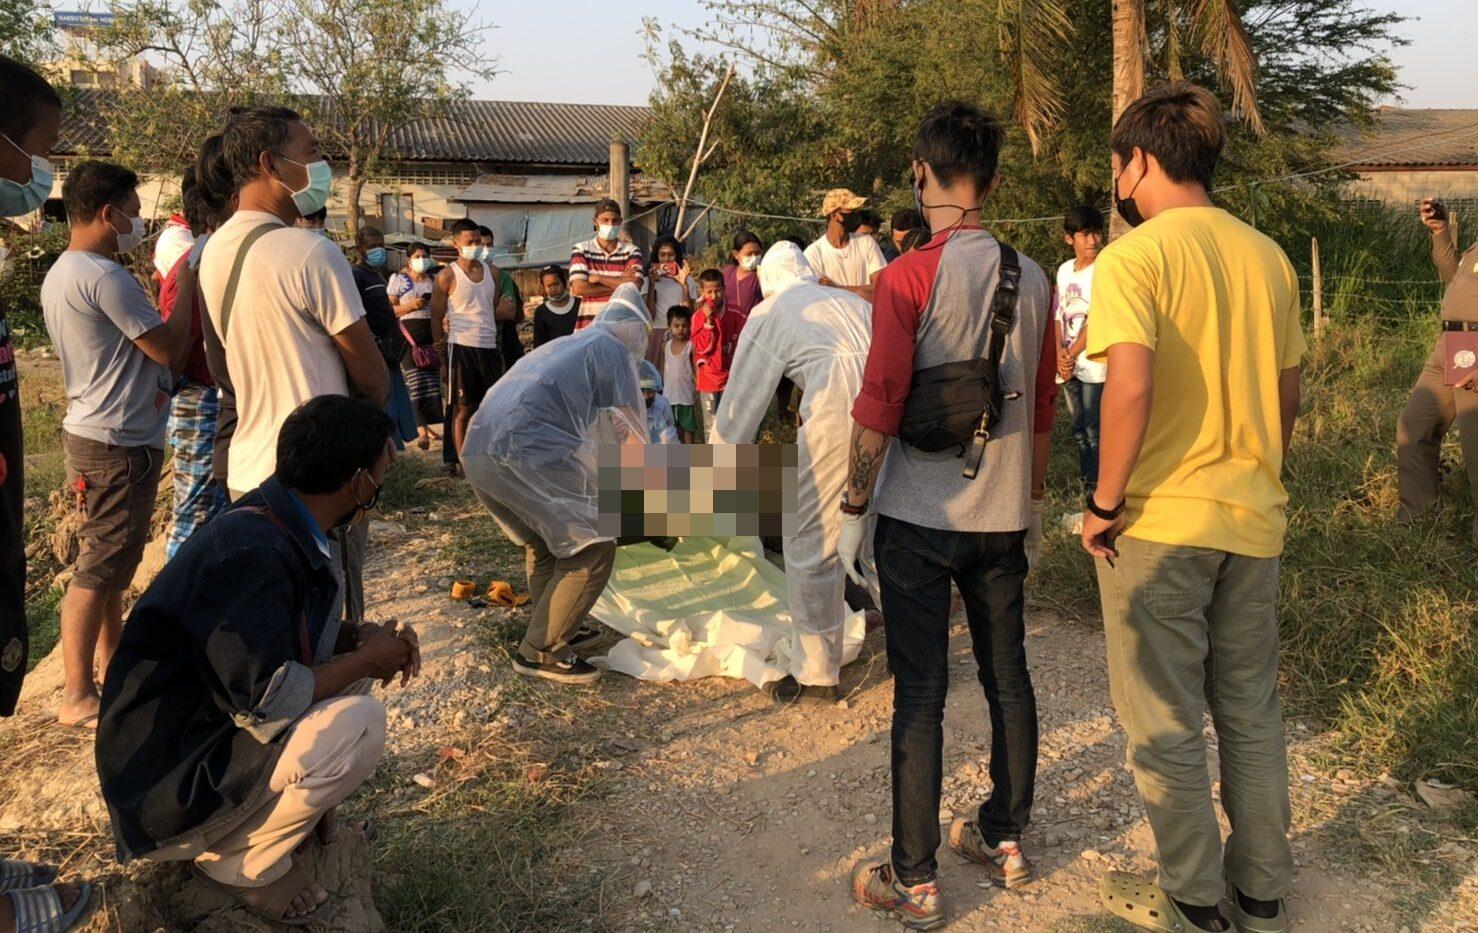 ชาวพม่าทะเลาะกันในวงเหล้า แทงดับ 1 เจ็บ 1 คนร้ายหนีซ่อนตัวในบ้าน แม่ทนไม่ไหวพาตำรวจไปจับ